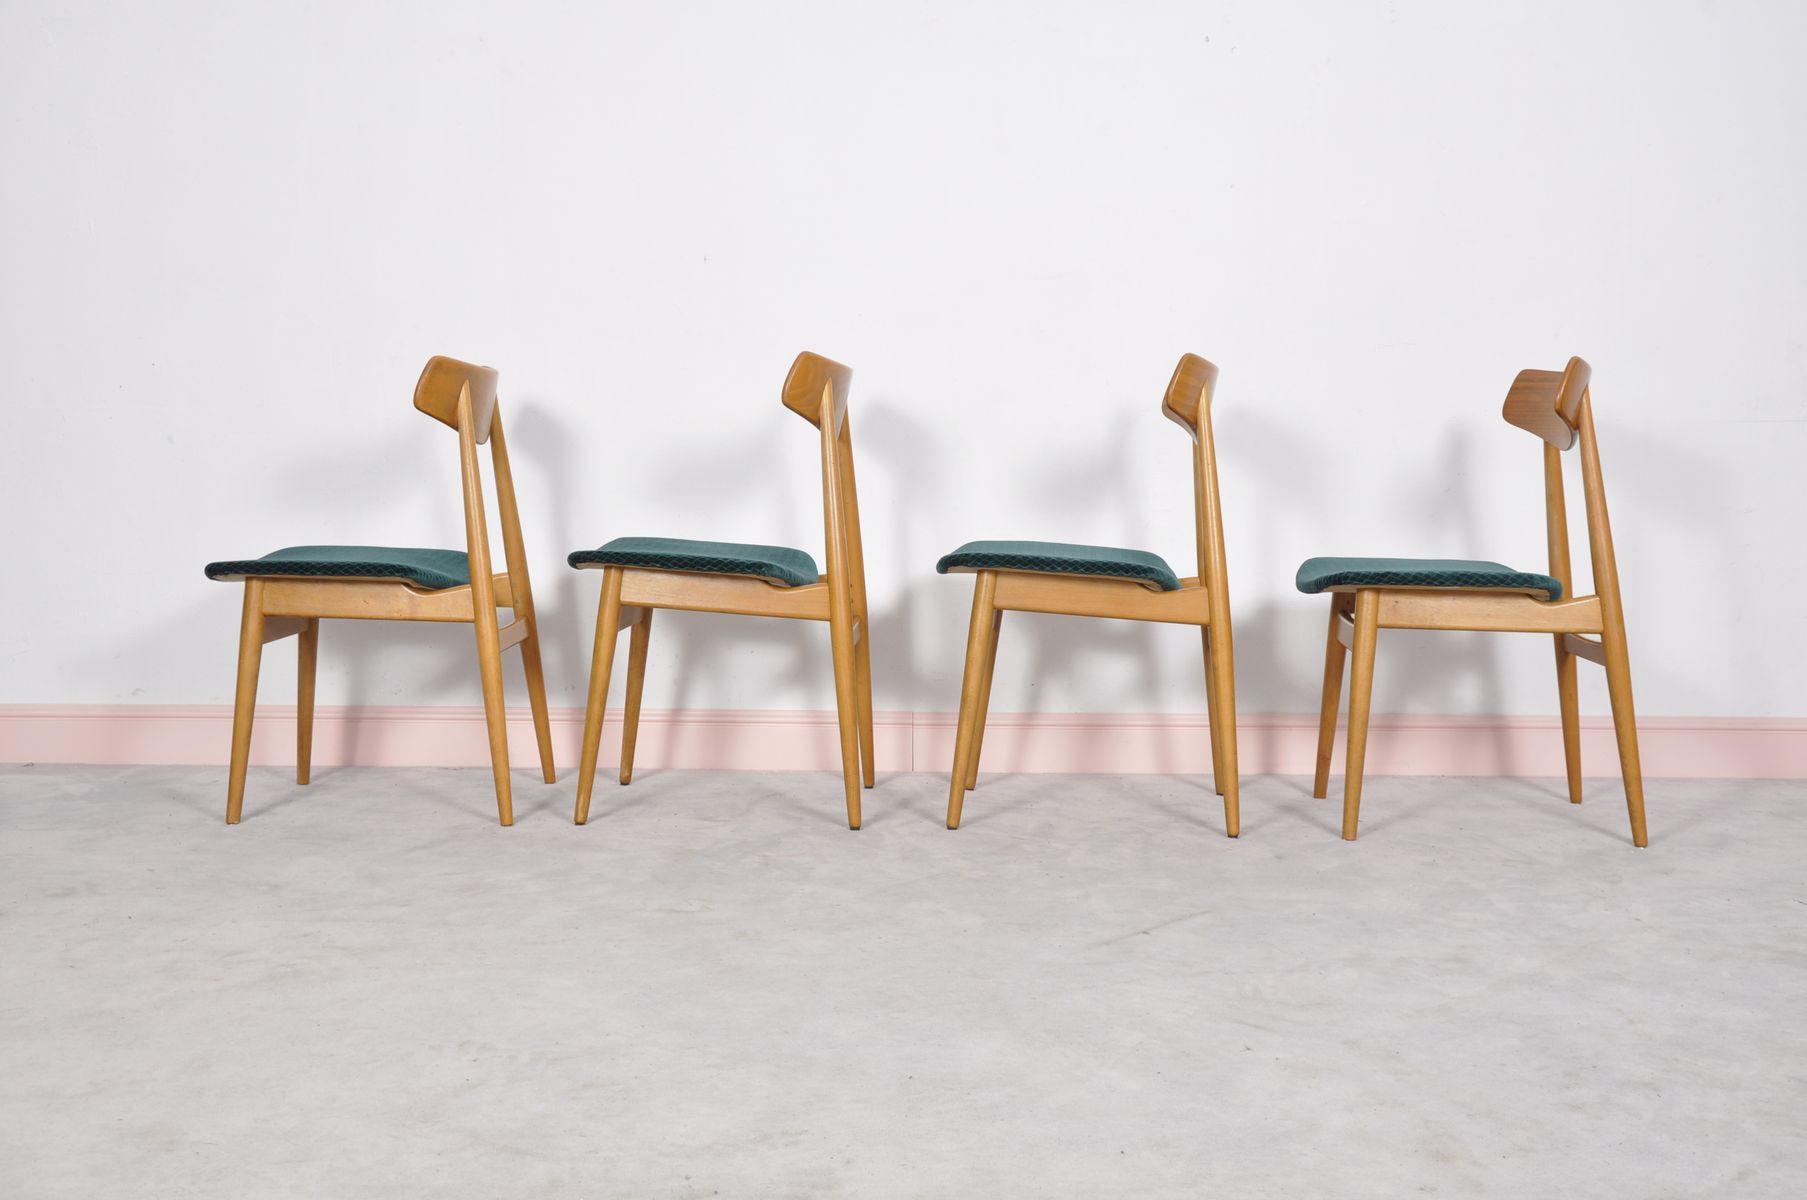 Chaises de salle manger en ch ne scandinavie 1960s for Salle a manger en chene